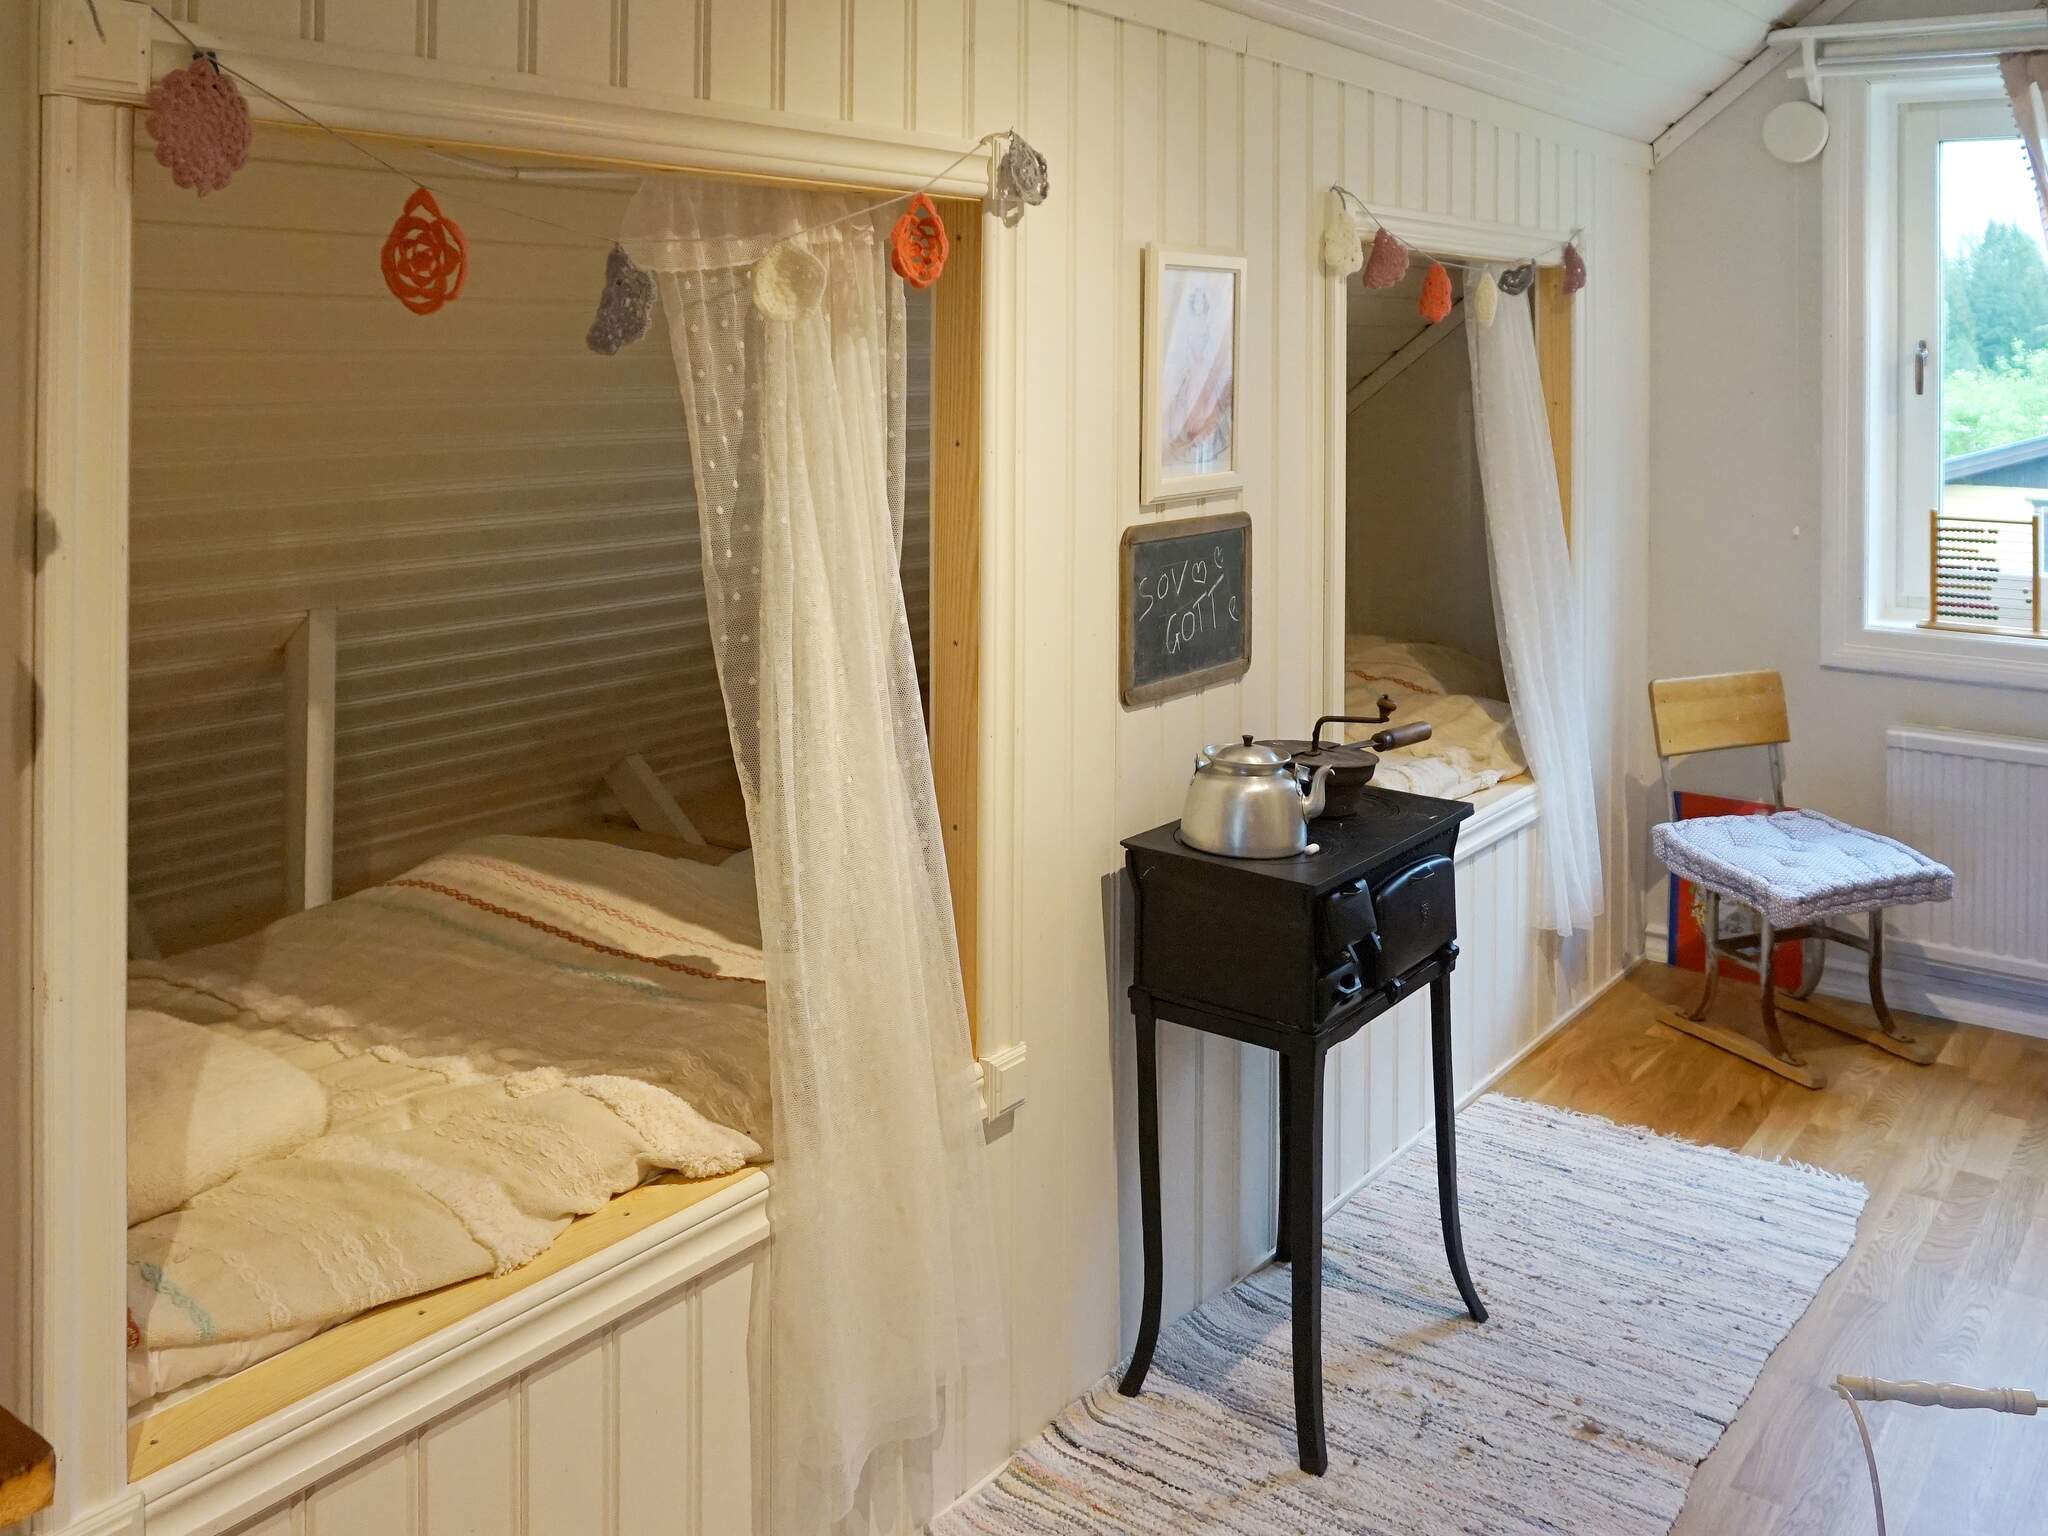 Ferienhaus Kolsva (2636835), Kolsva, Västmanlands län, Mittelschweden, Schweden, Bild 7